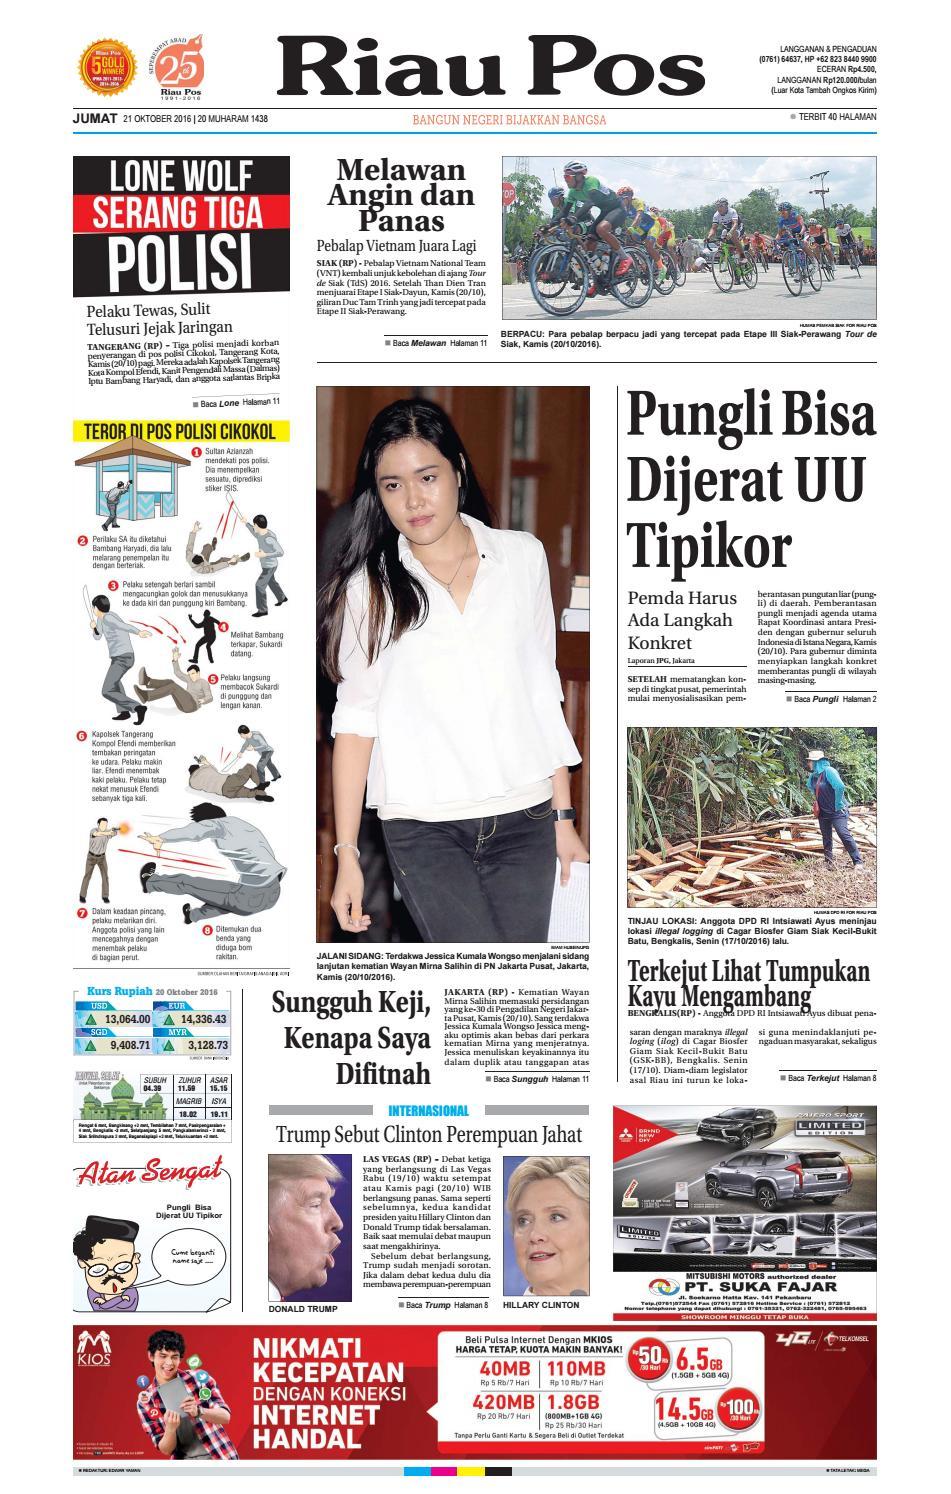 2017 03 25 By Riau Pos Issuu Tcash Vaganza 17 Botol Minum Olahraga Discovery 750ml Hitam 2016 10 21